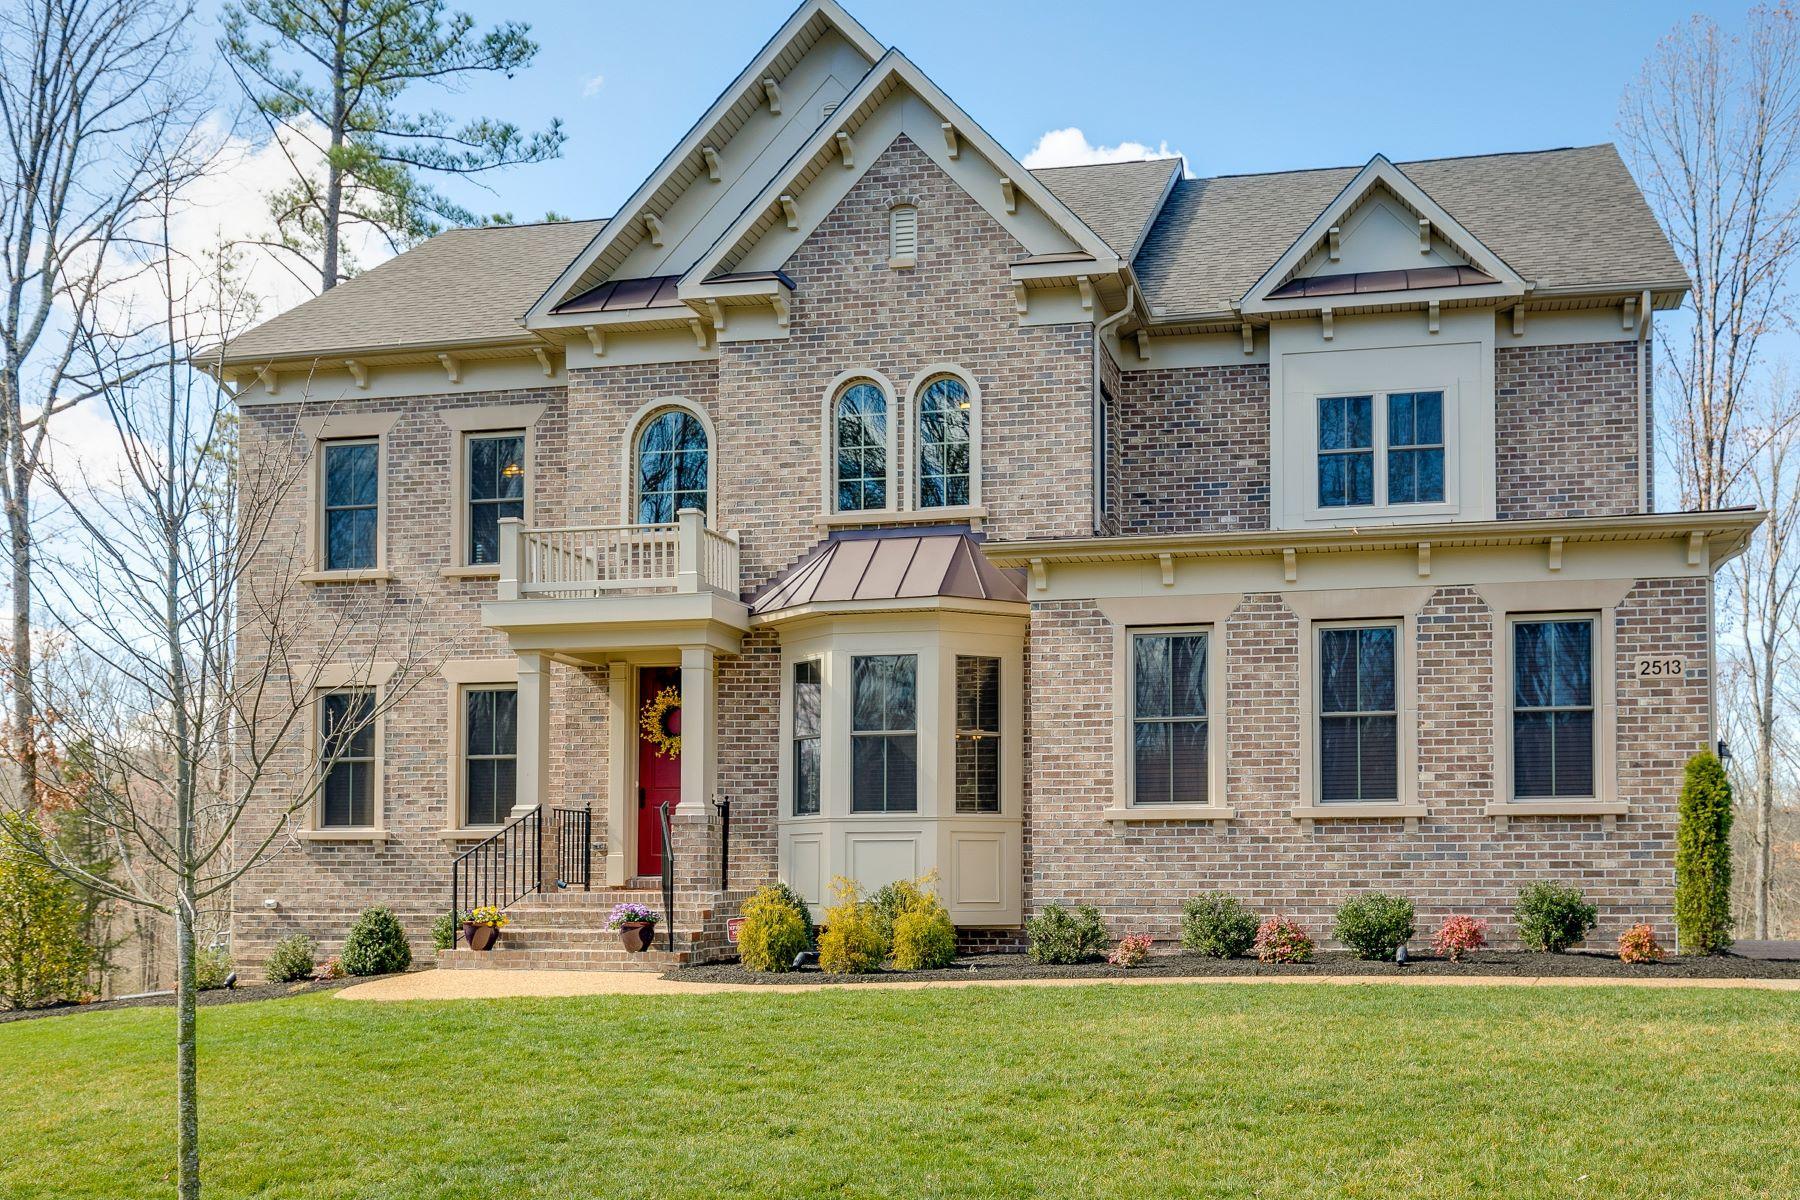 独户住宅 为 销售 在 Championship Golf Course Community 2513 Michaux Valley Way 中洛锡安郡, 弗吉尼亚州, 23113 美国